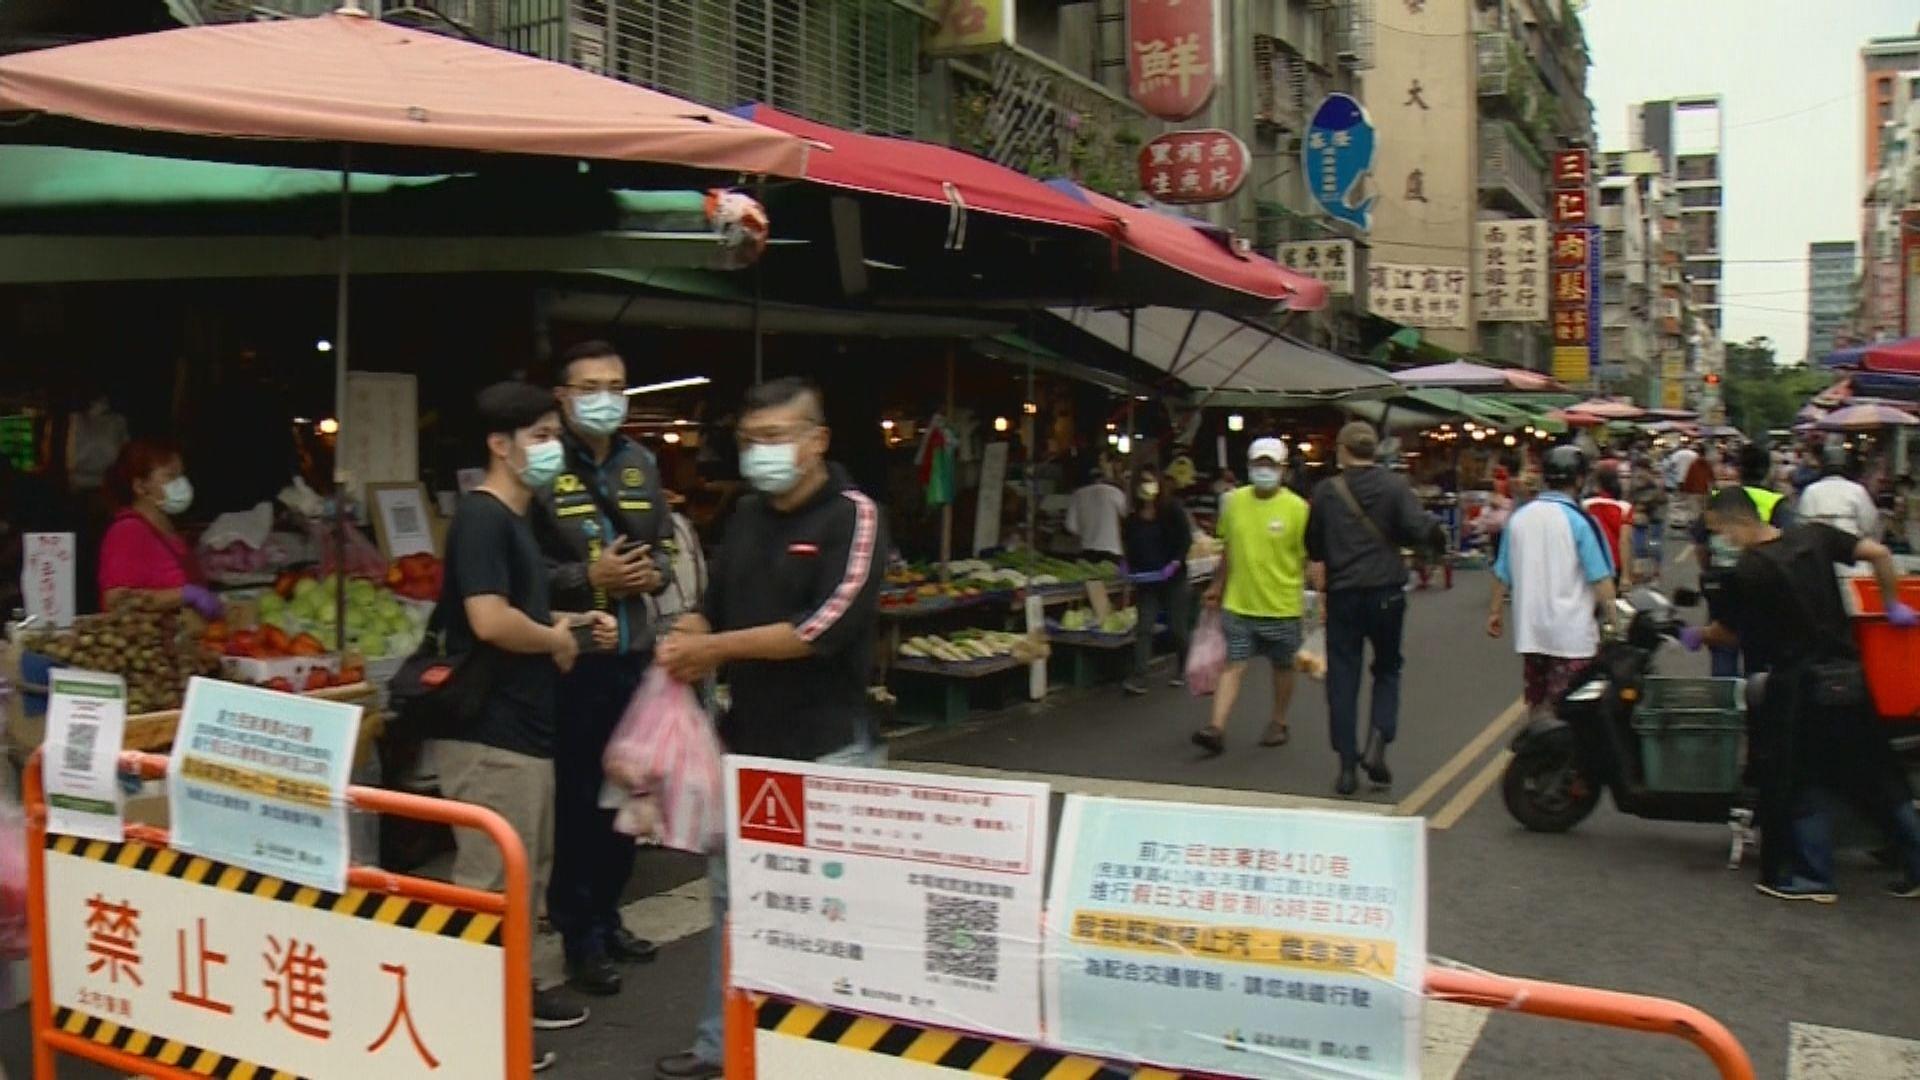 台灣經濟部限民眾只可逗留傳統市場一小時 防疫情蔓延